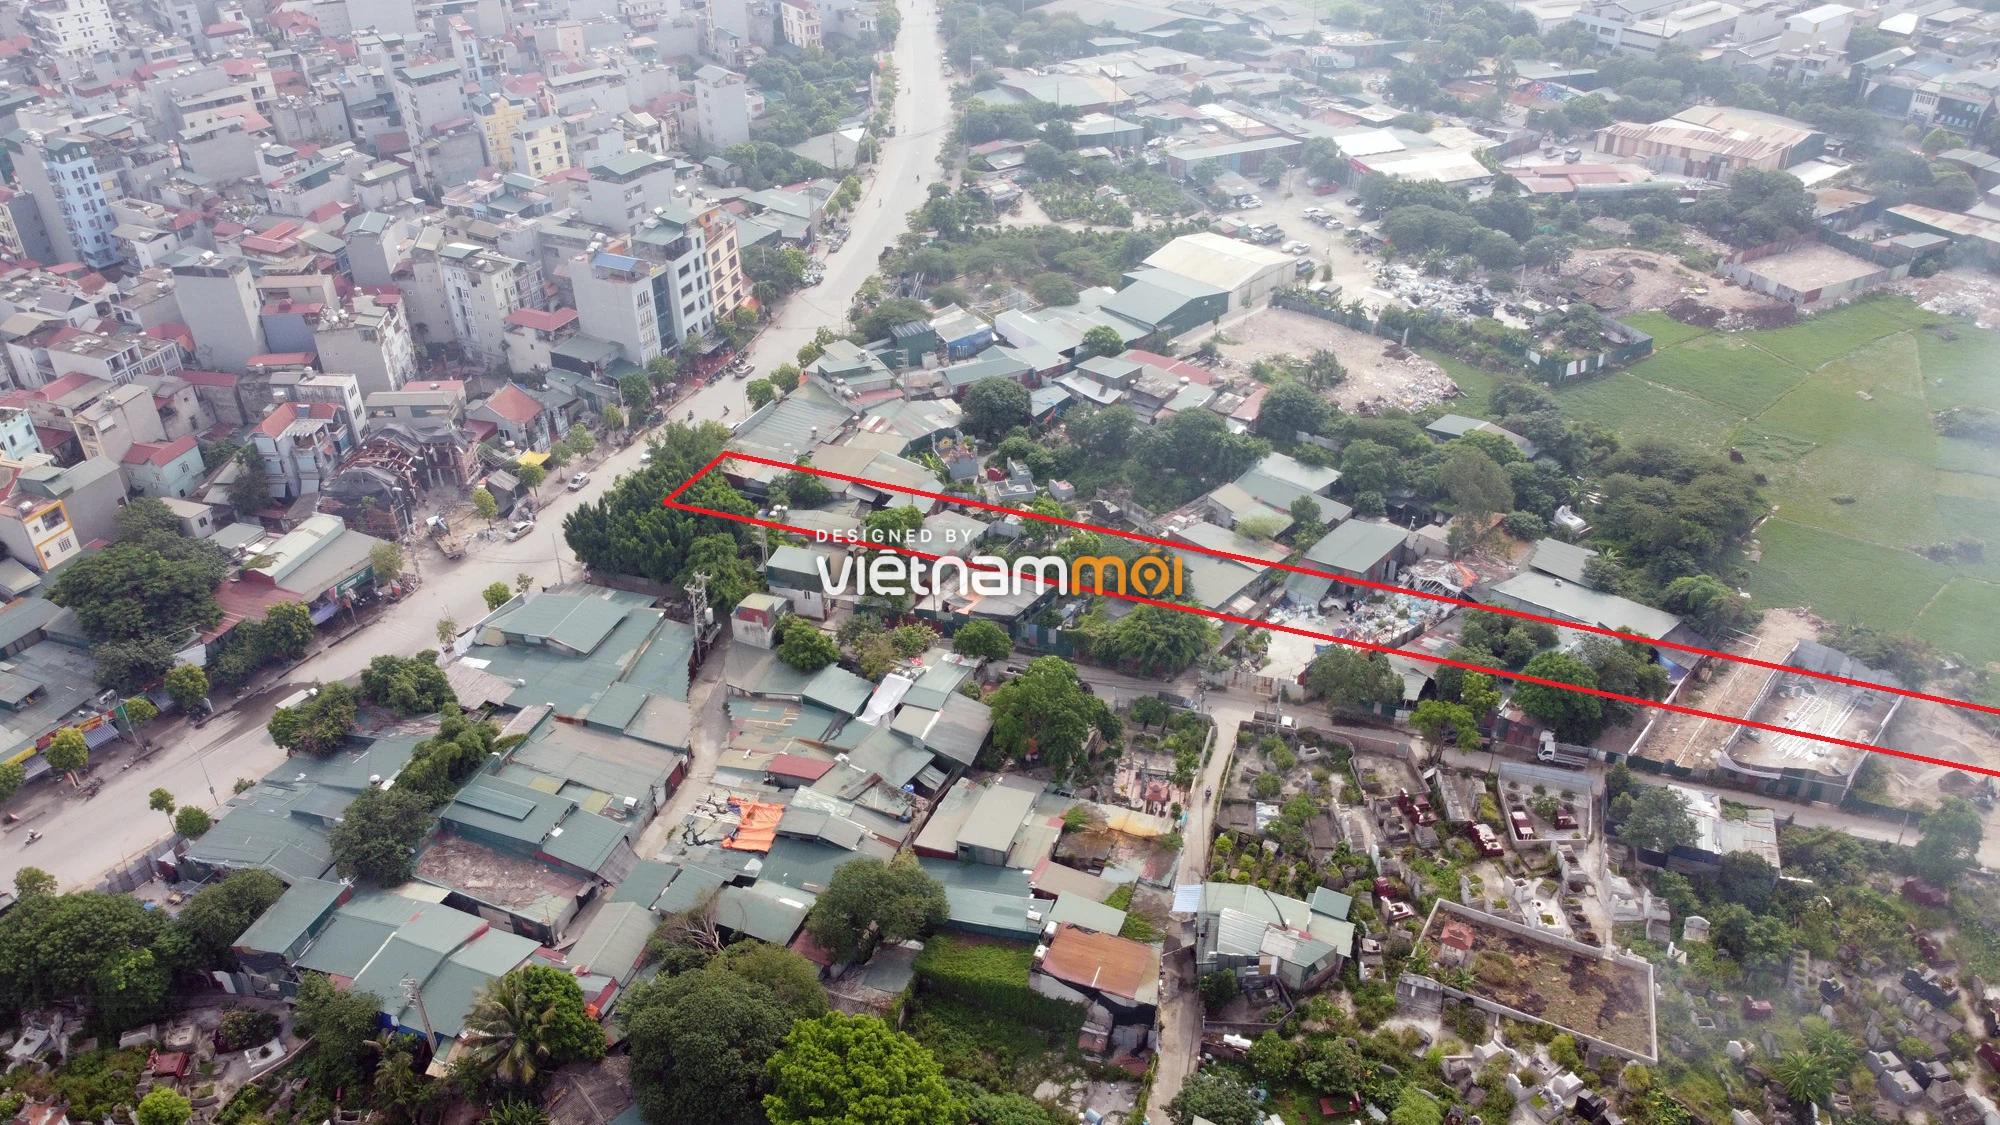 Những khu đất sắp thu hồi để mở đường ở xã Tân Triều, Thanh Trì, Hà Nội (phần 4) - Ảnh 8.